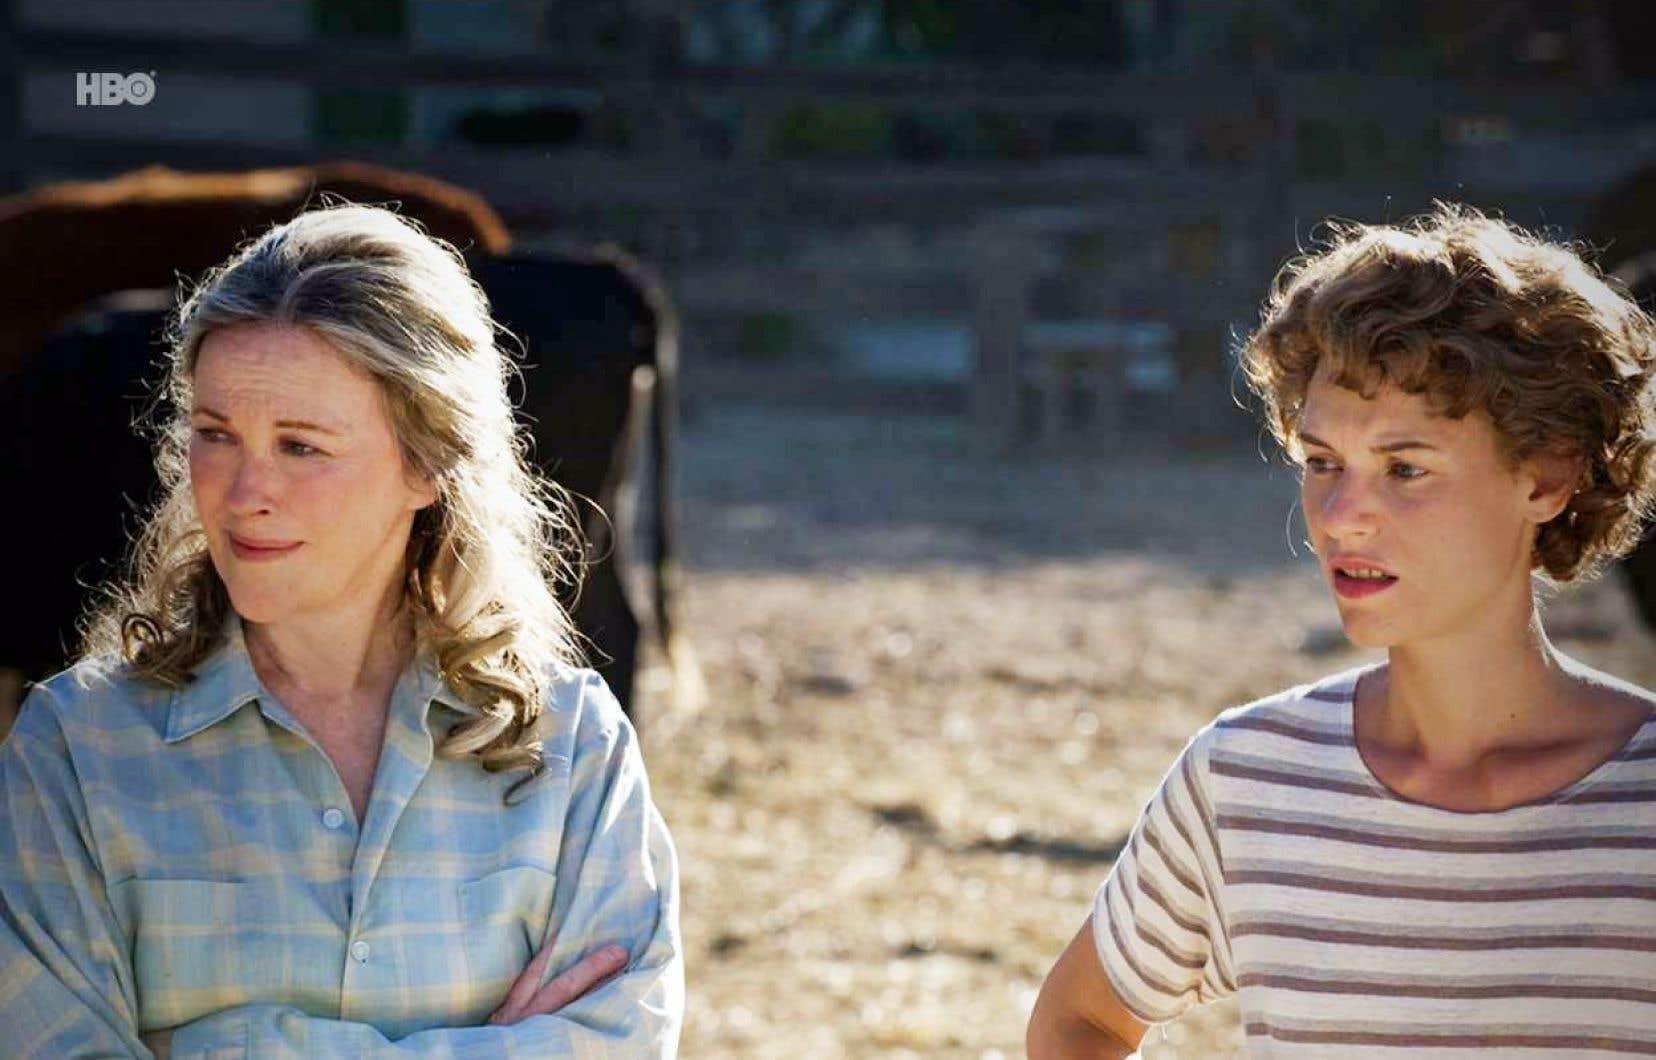 Cette production de HBO raconte de façon plutôt originale l'existence assez bien remplie de Temple Grandin, une autiste devenue célèbre grâce à ses livres et ses innovations.